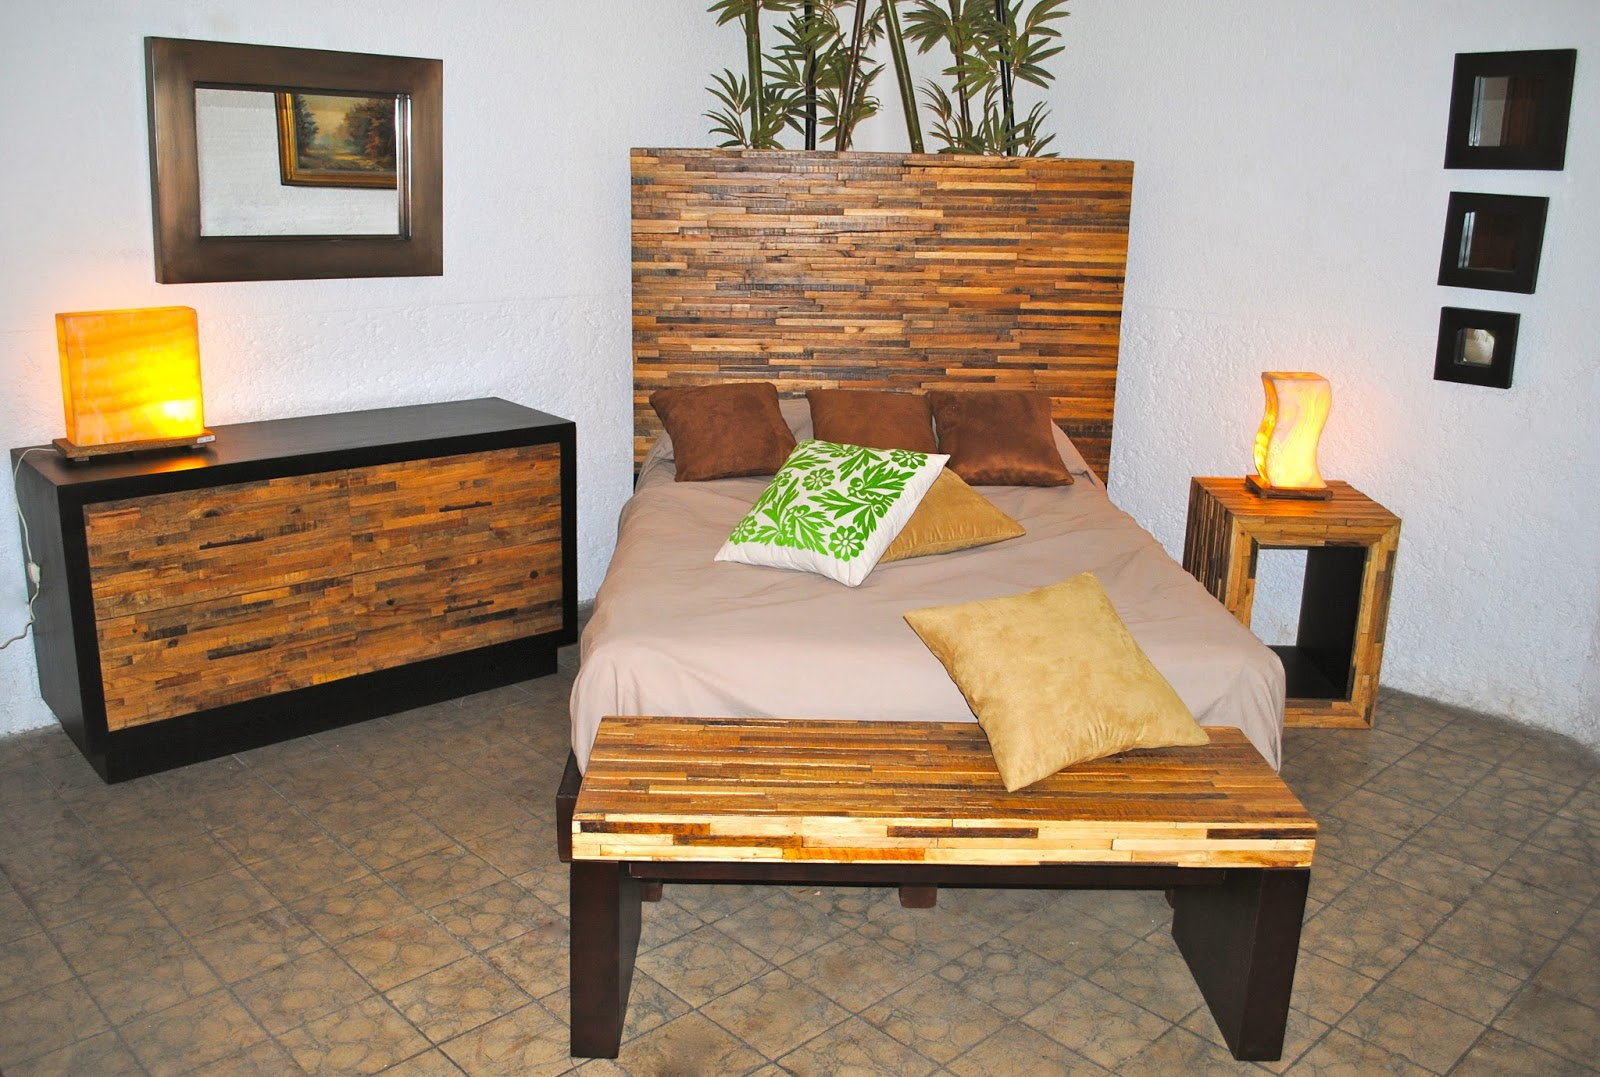 Muebles condesa muebles de madera reciclada for Diseno de muebles de madera